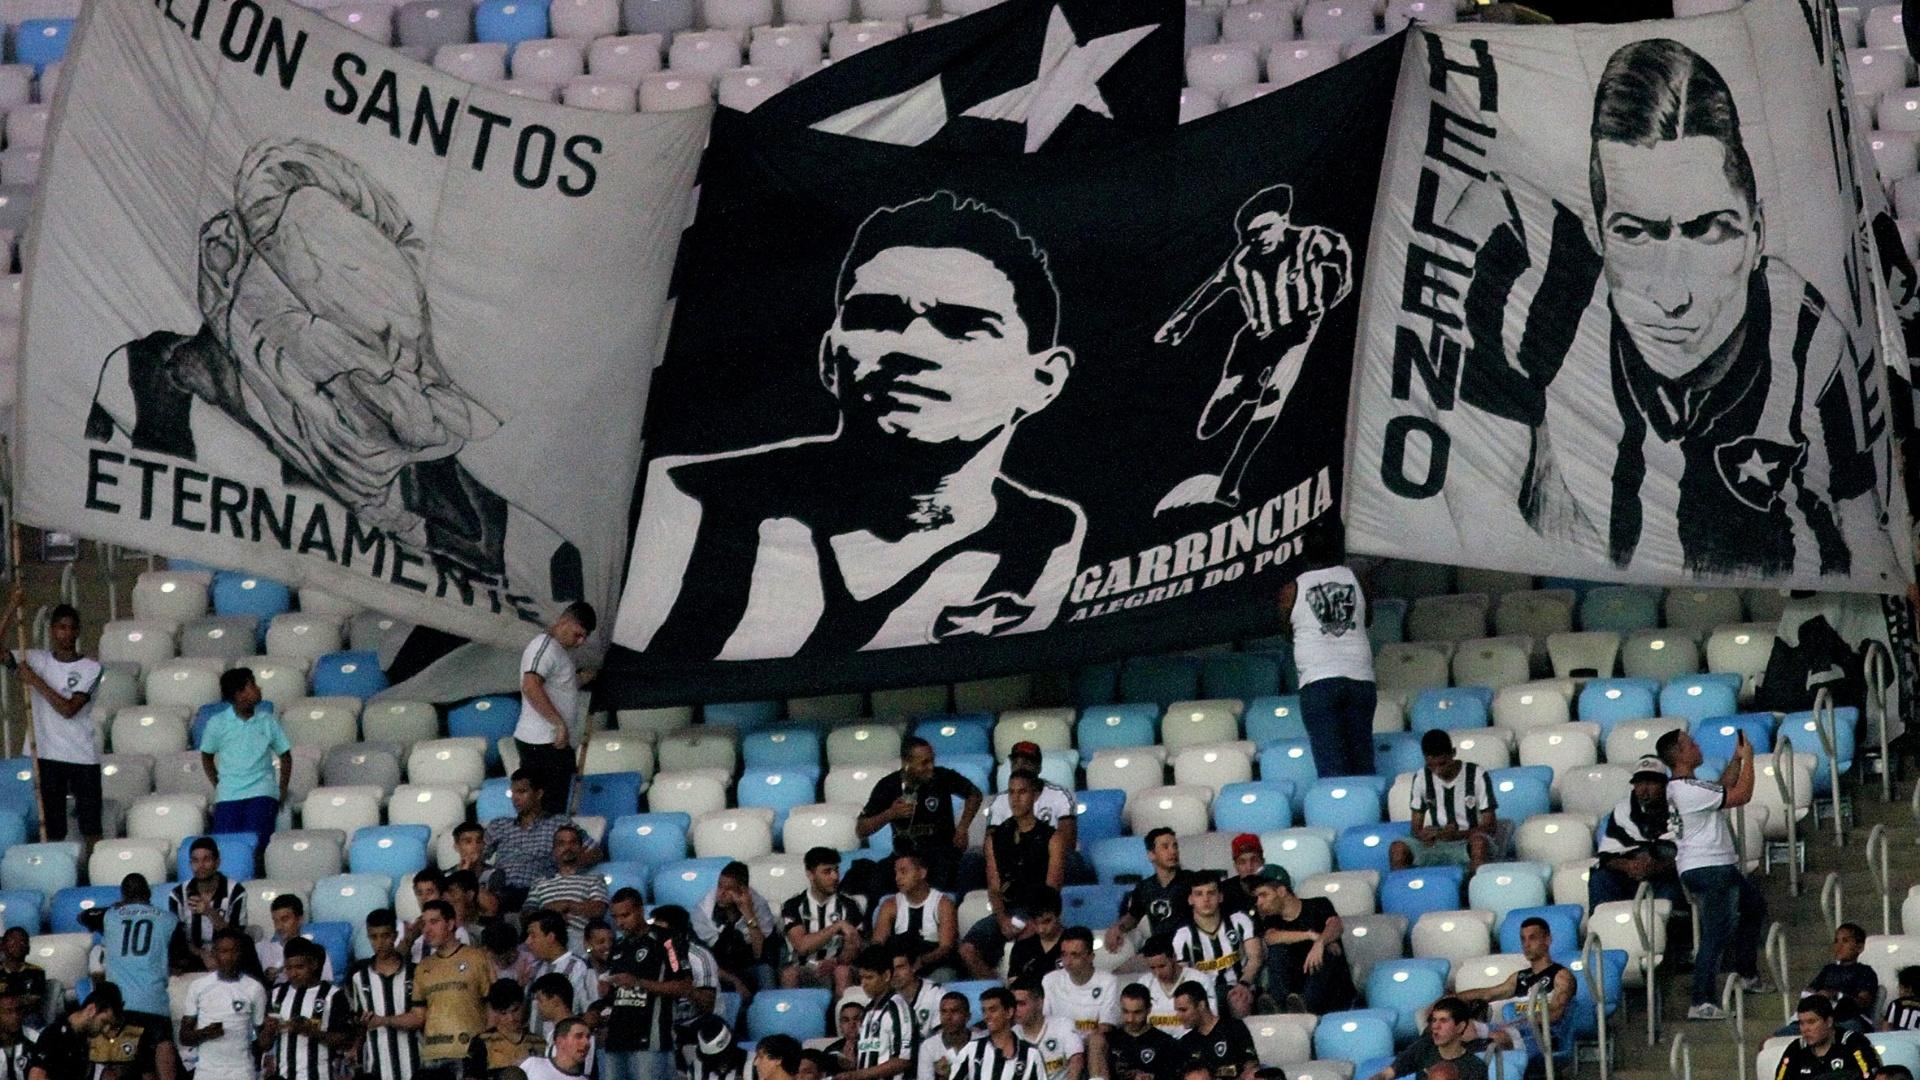 Torcida do Botafogo mostra bandeiras dos ídolos Nilton Santos, Garrincha e Heleno de Freitas no Maracanã